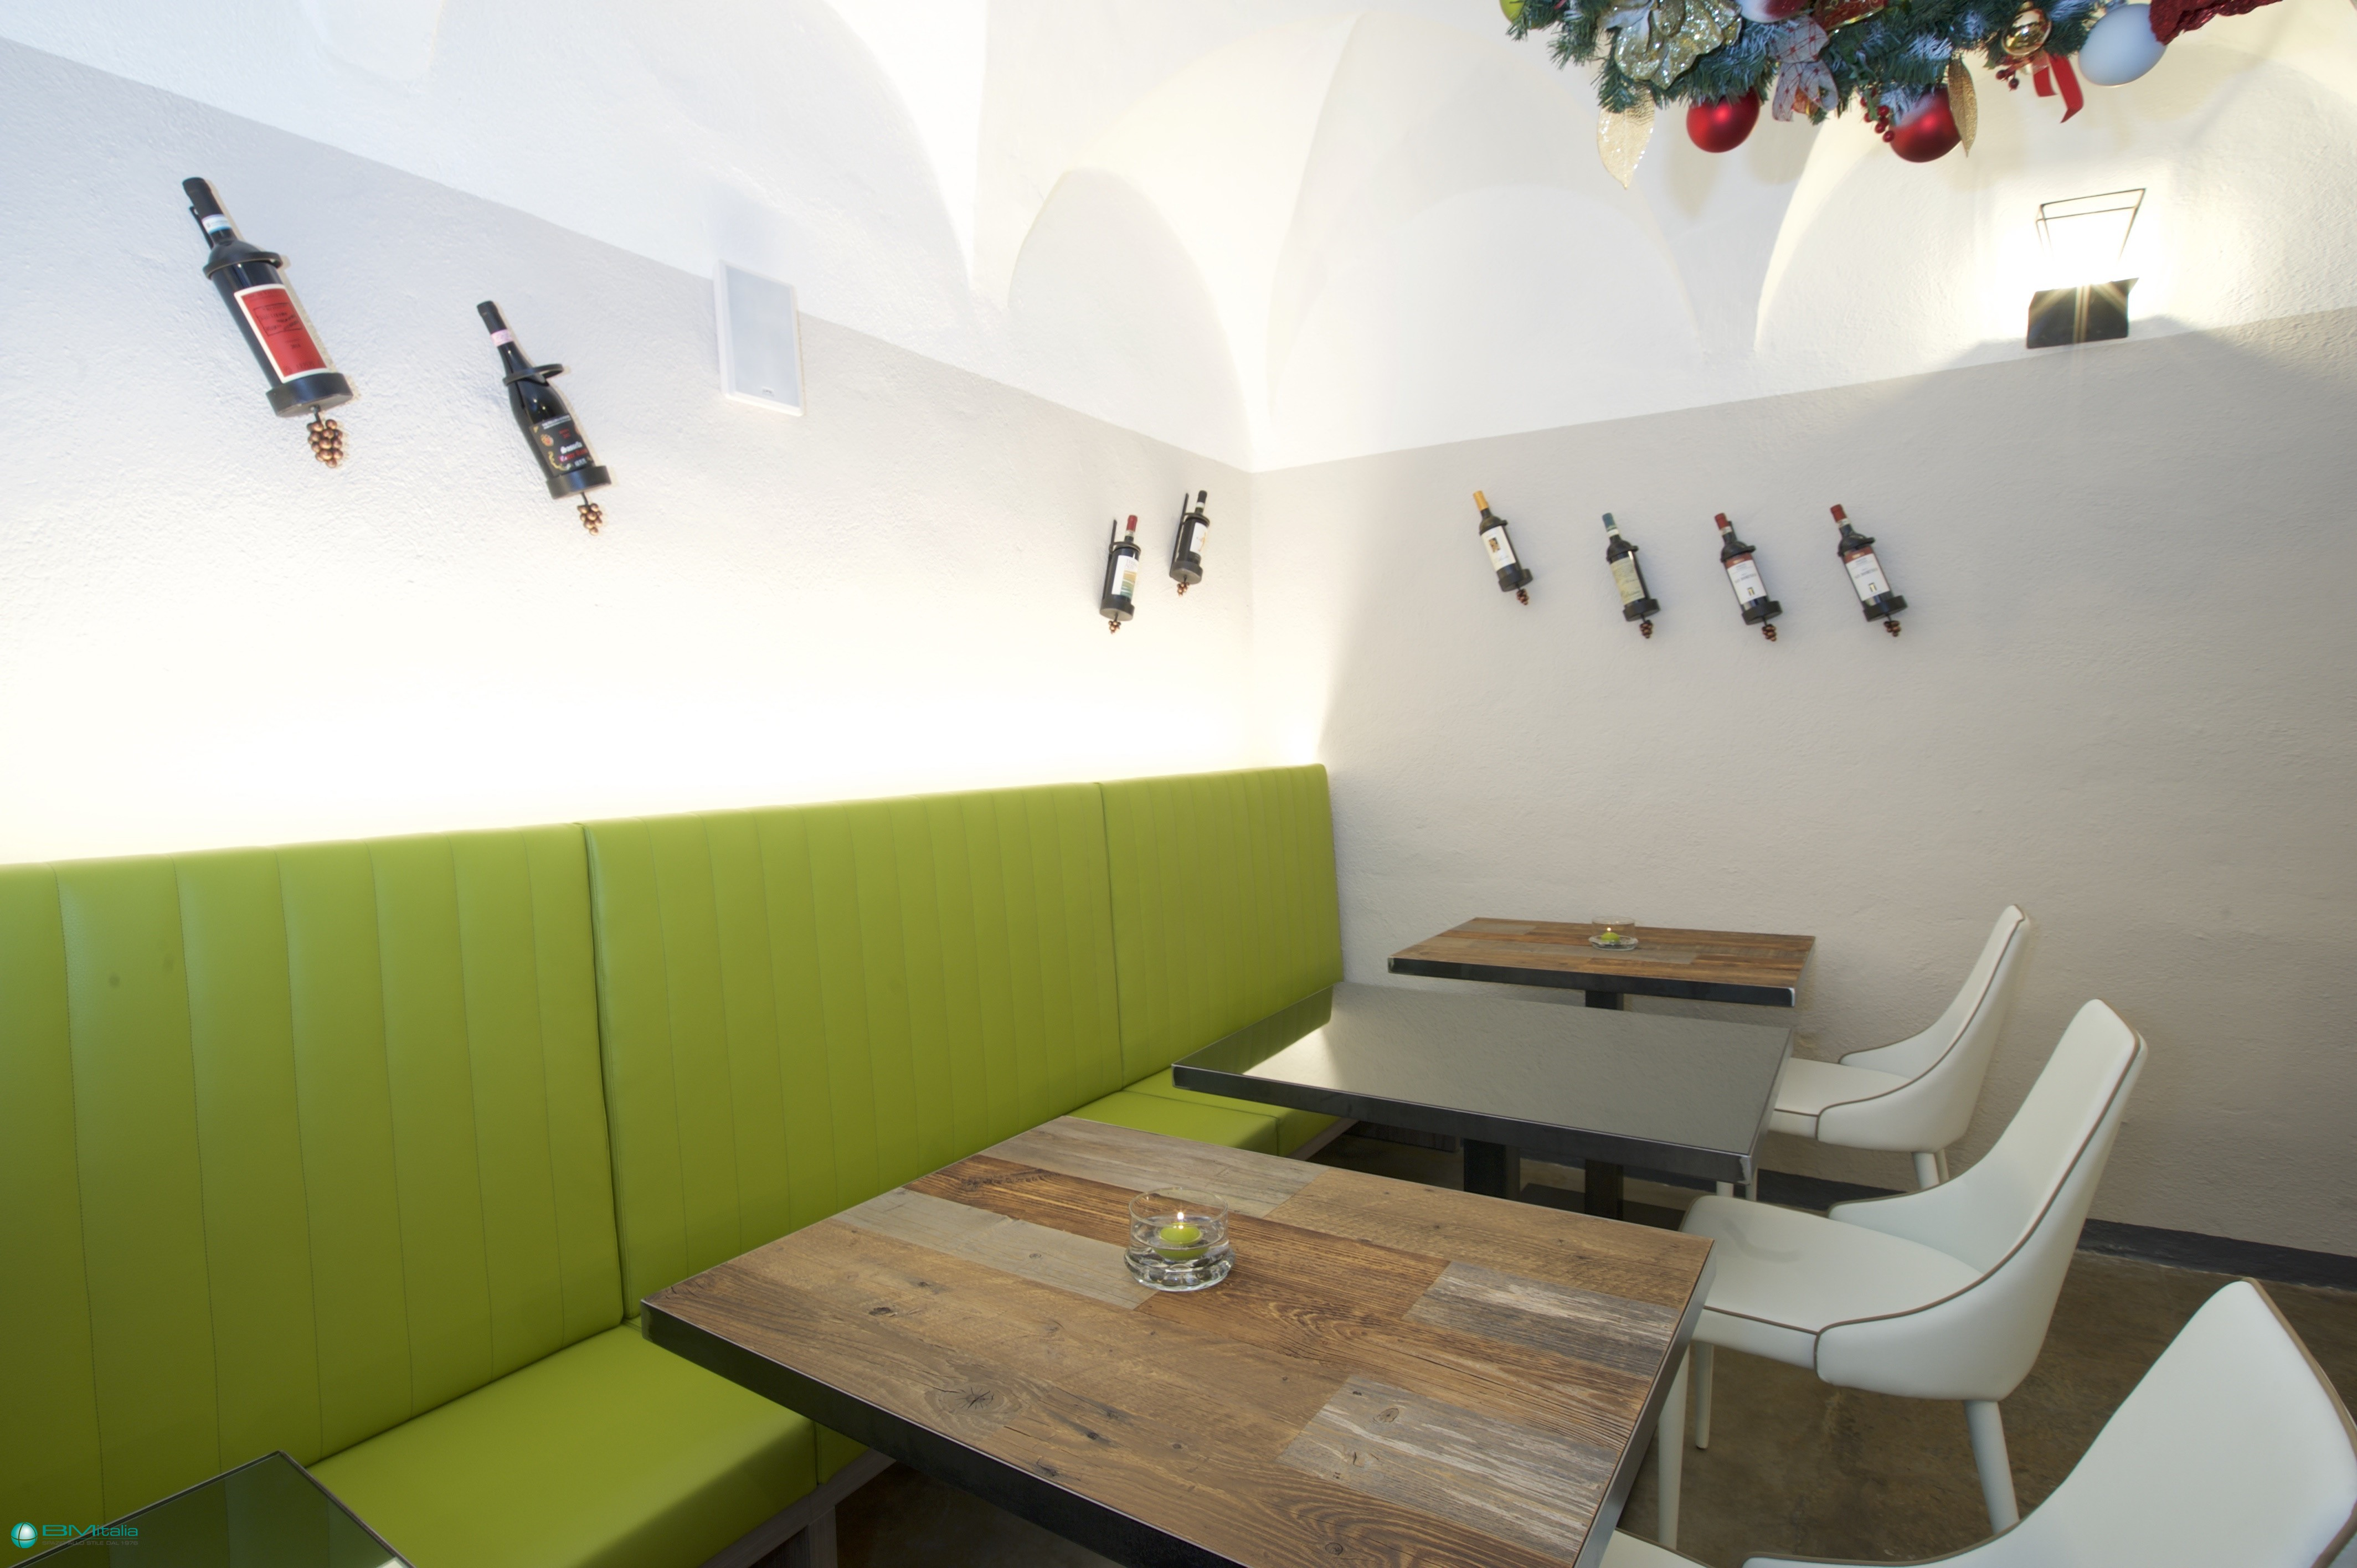 Realizzazione arredamento su misura per ristoranti e bar for Mullano arredamenti